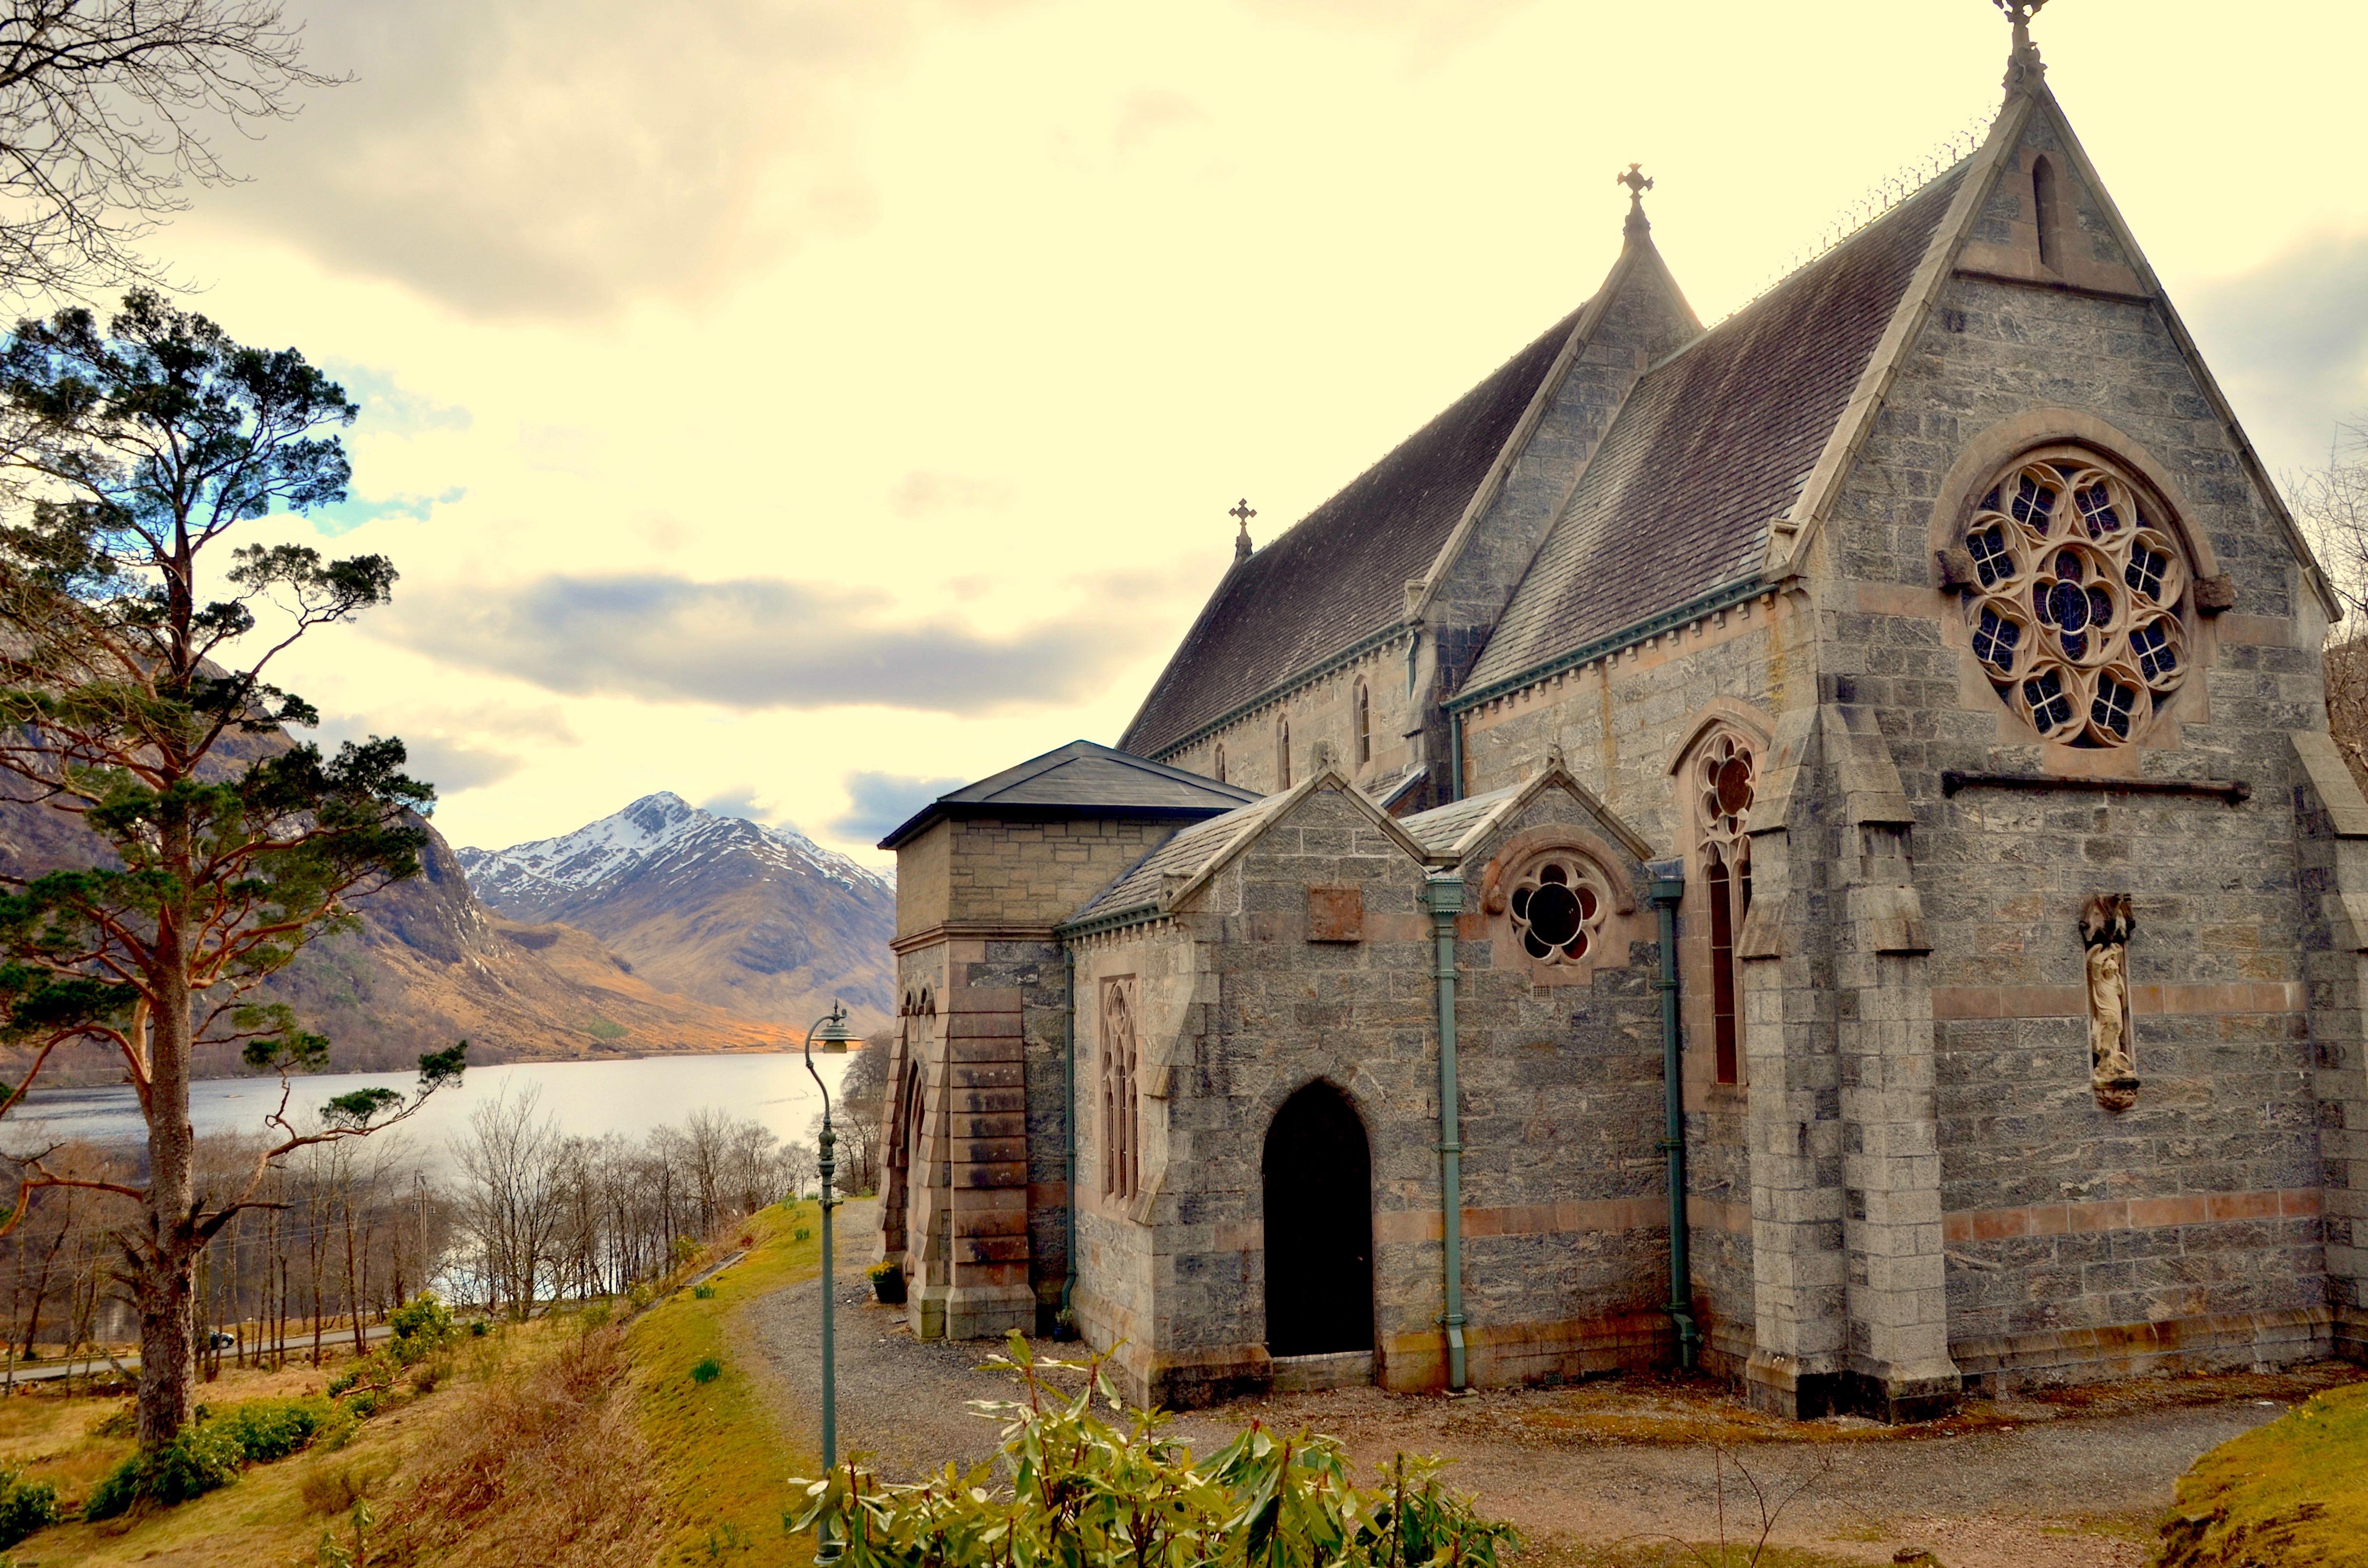 church at Glenfinan monument @shutterstock